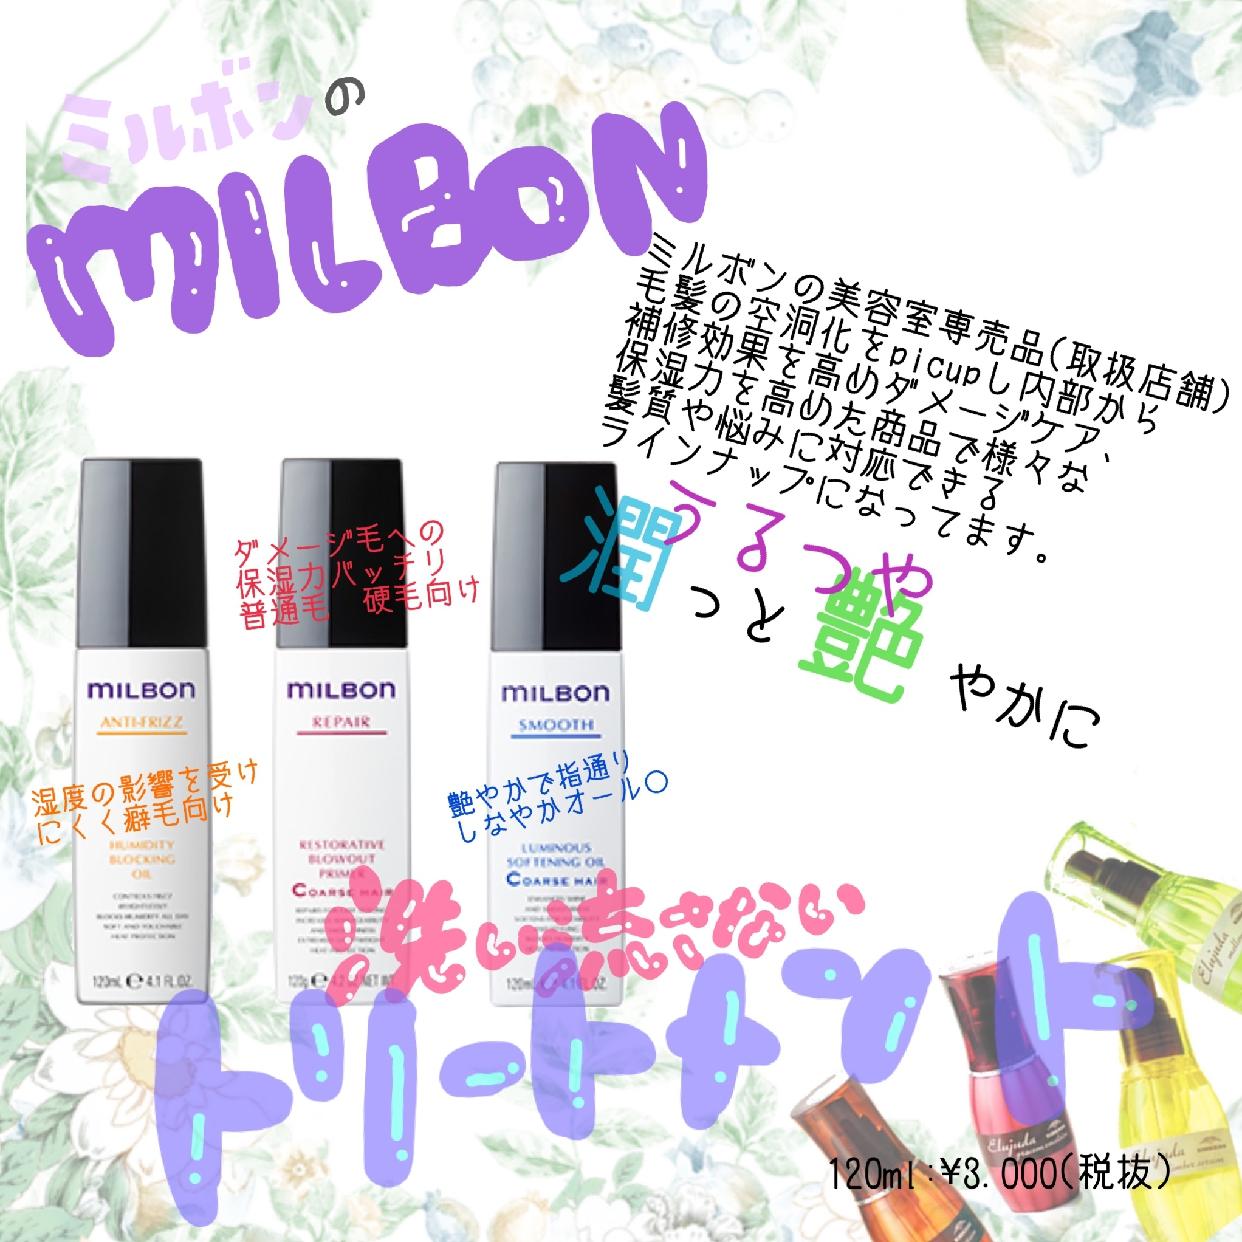 milbon(ミルボン)ルミナスボディファイングオイルを使ったsrnchamさんのクチコミ画像